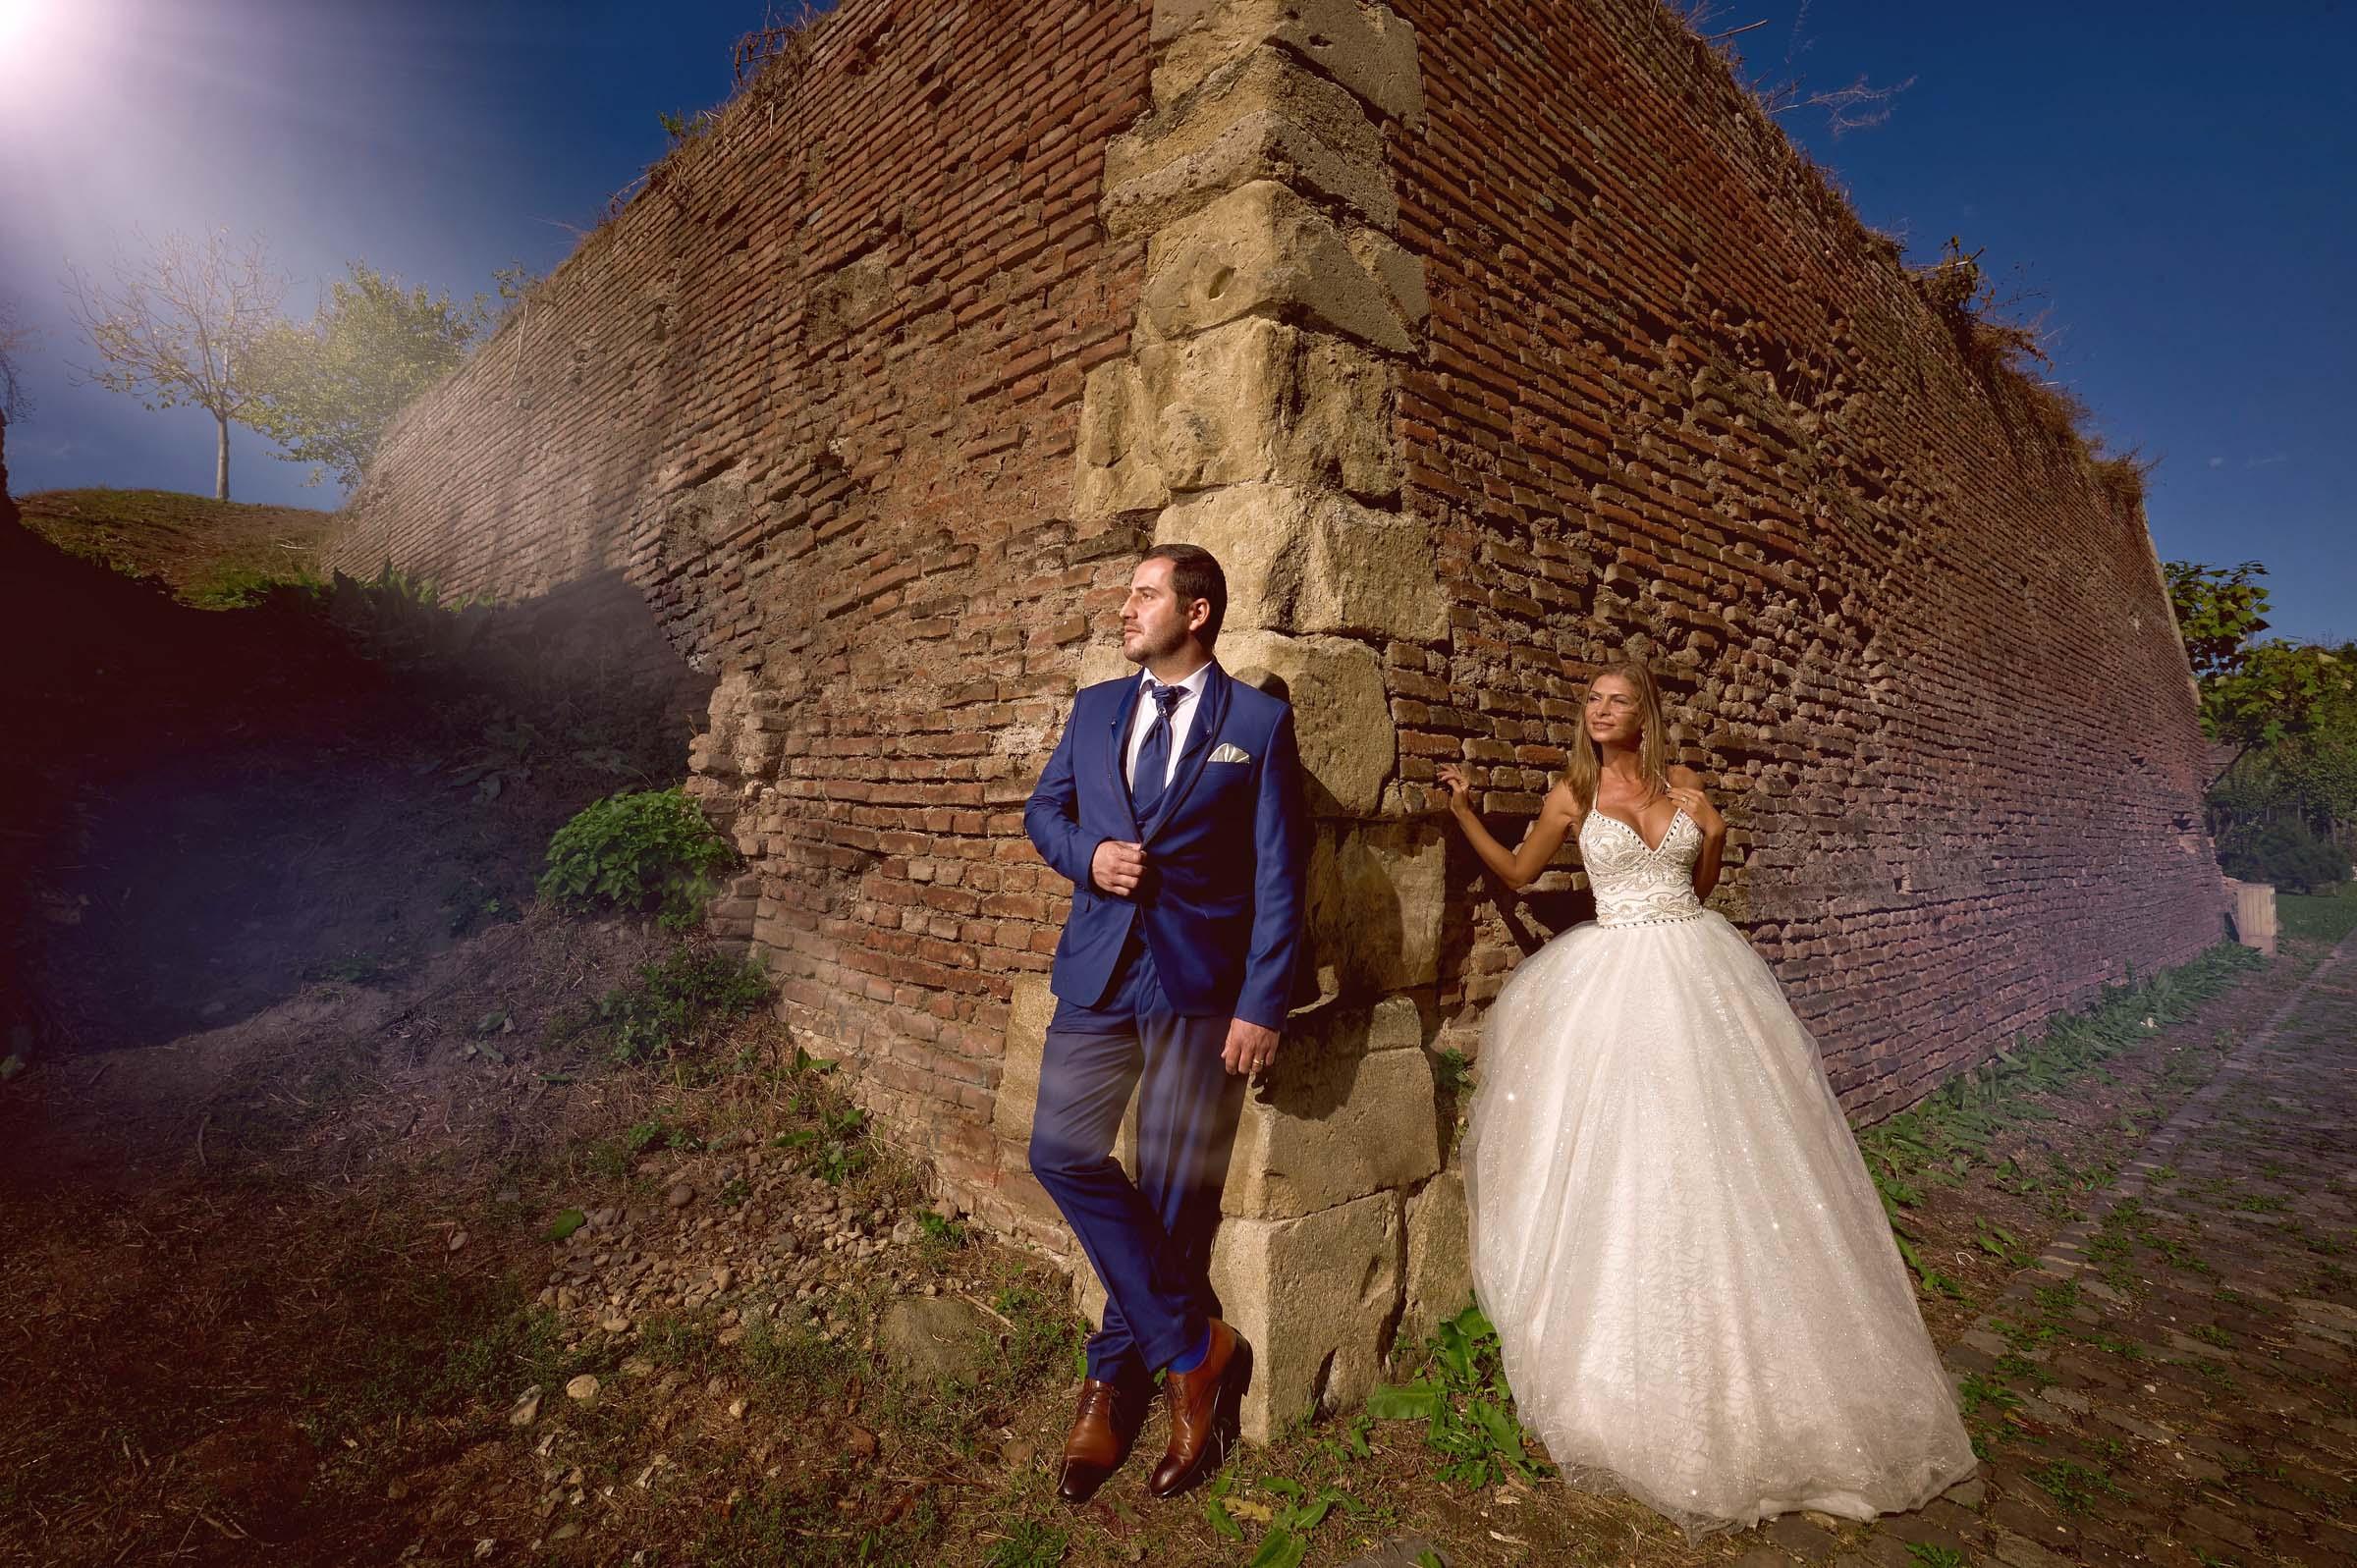 Atunci când sunteți în căutarea unui fotograf de nuntă există și câteva întrebări tehnice pe care ar trebui să le adresați fotografilor pe care îi intervievați.